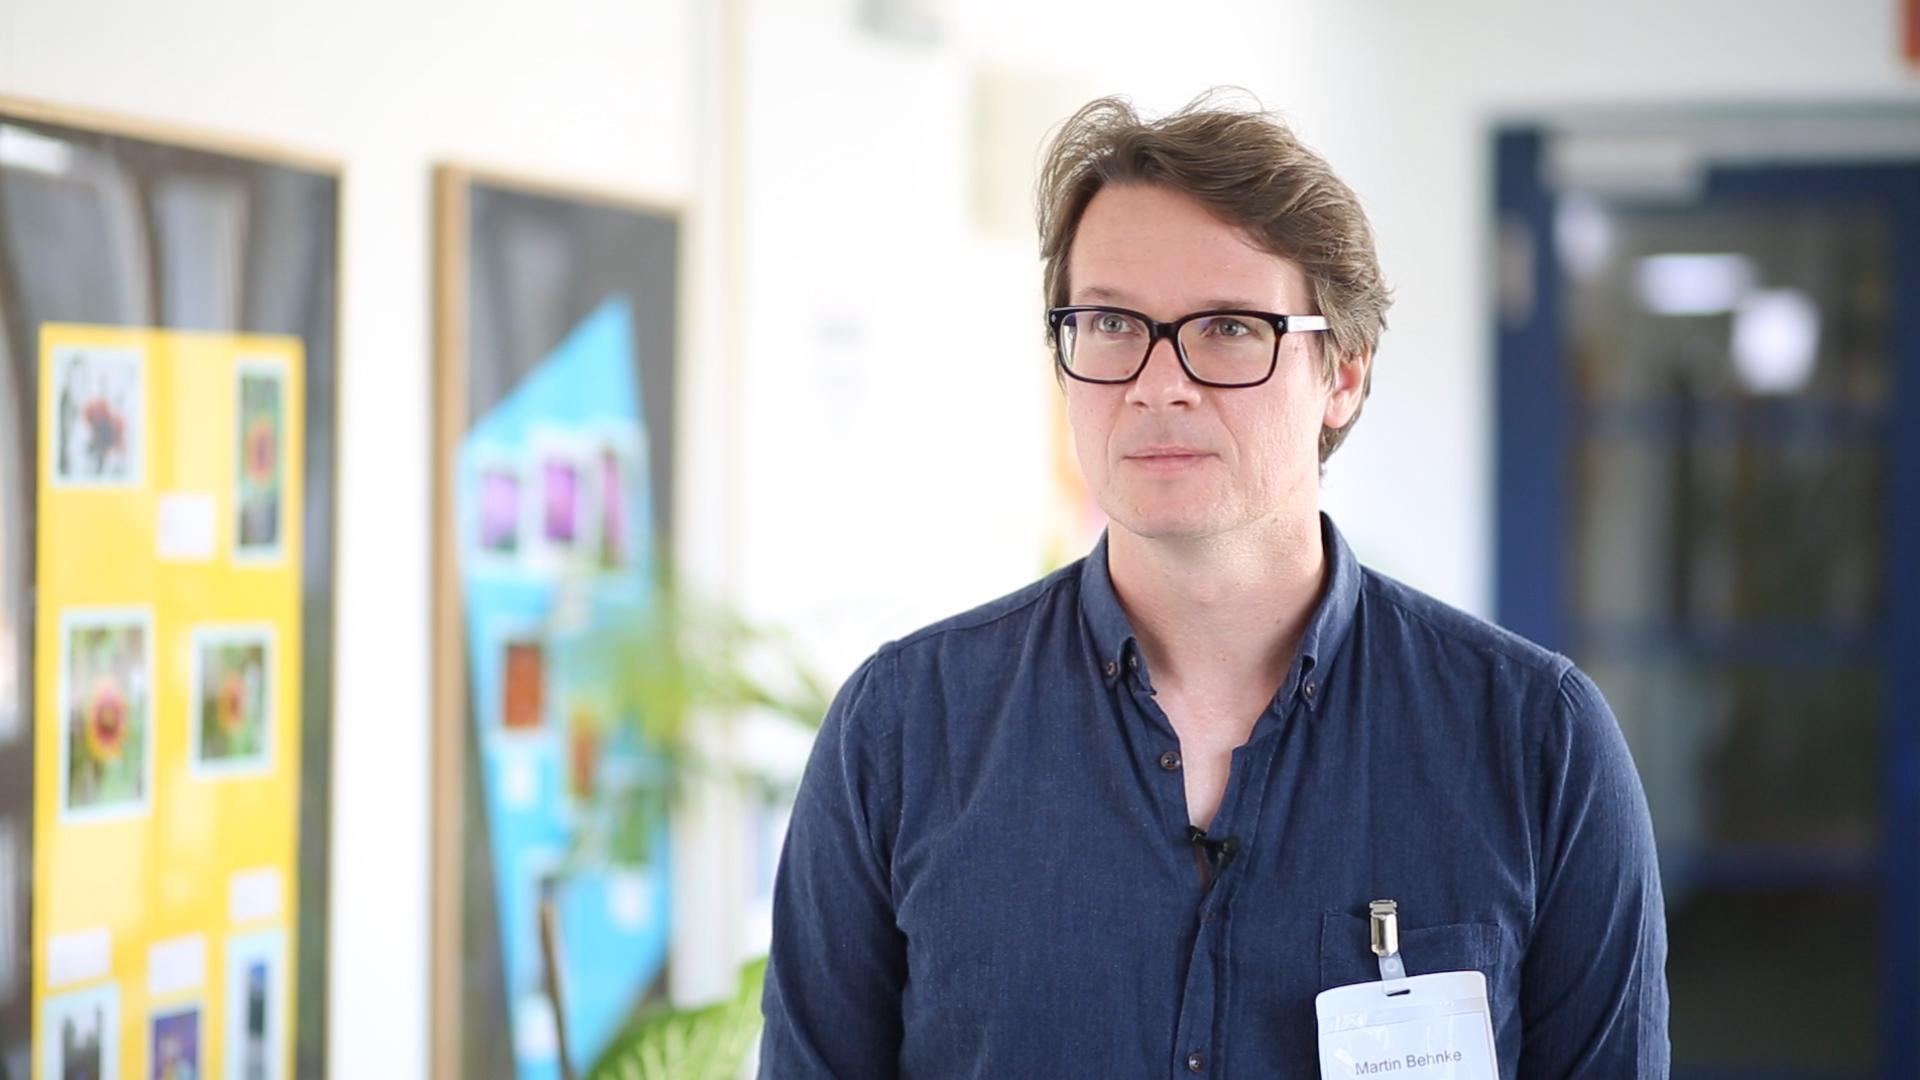 Martin Behnke